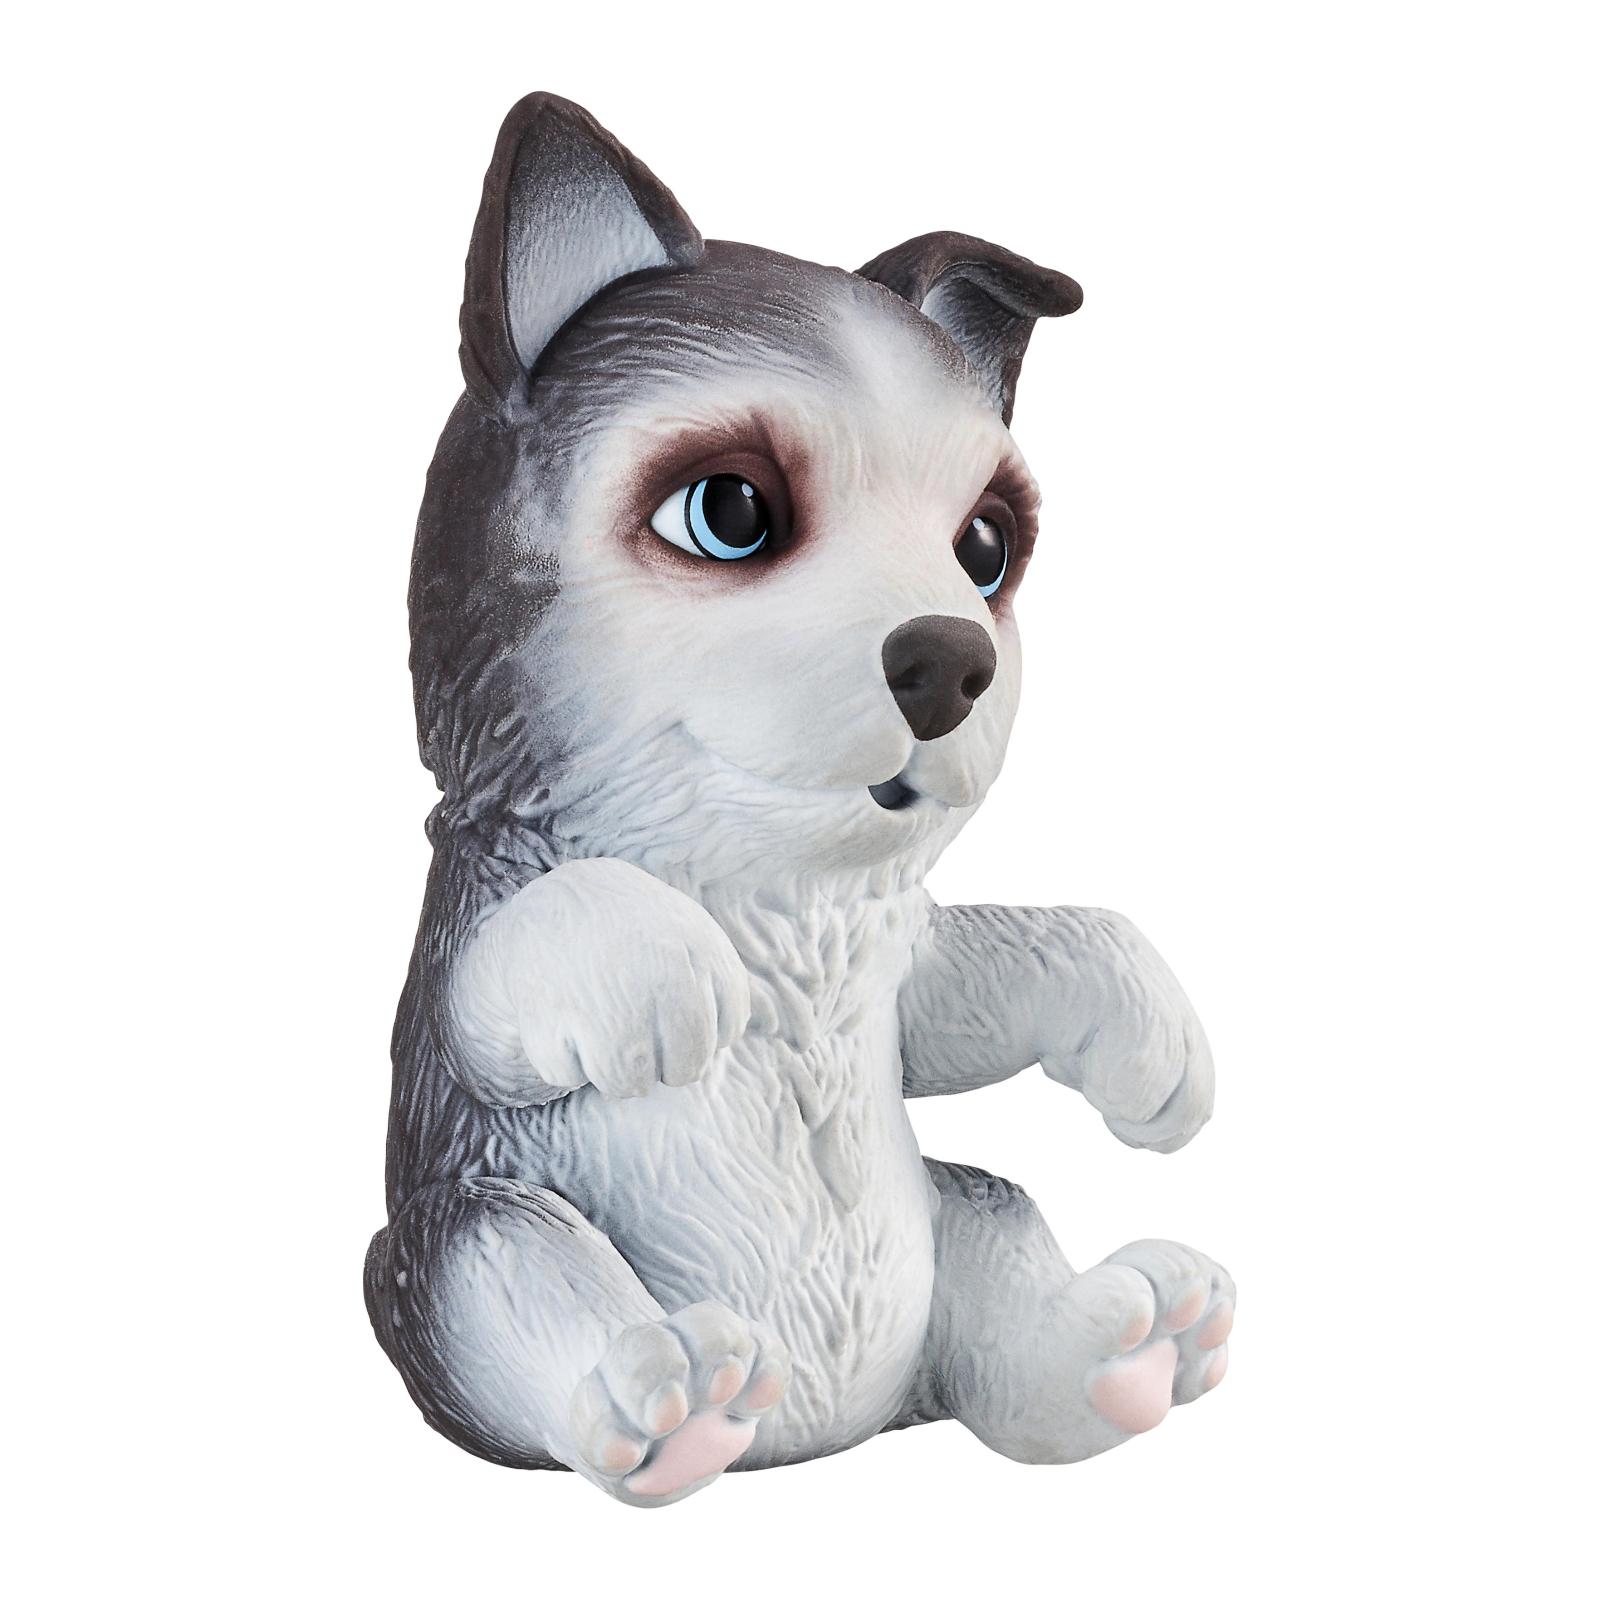 Интерактивная игрушка Moose Soft Hearts Новорожденный щенок Huskles (28919M) изображение 2